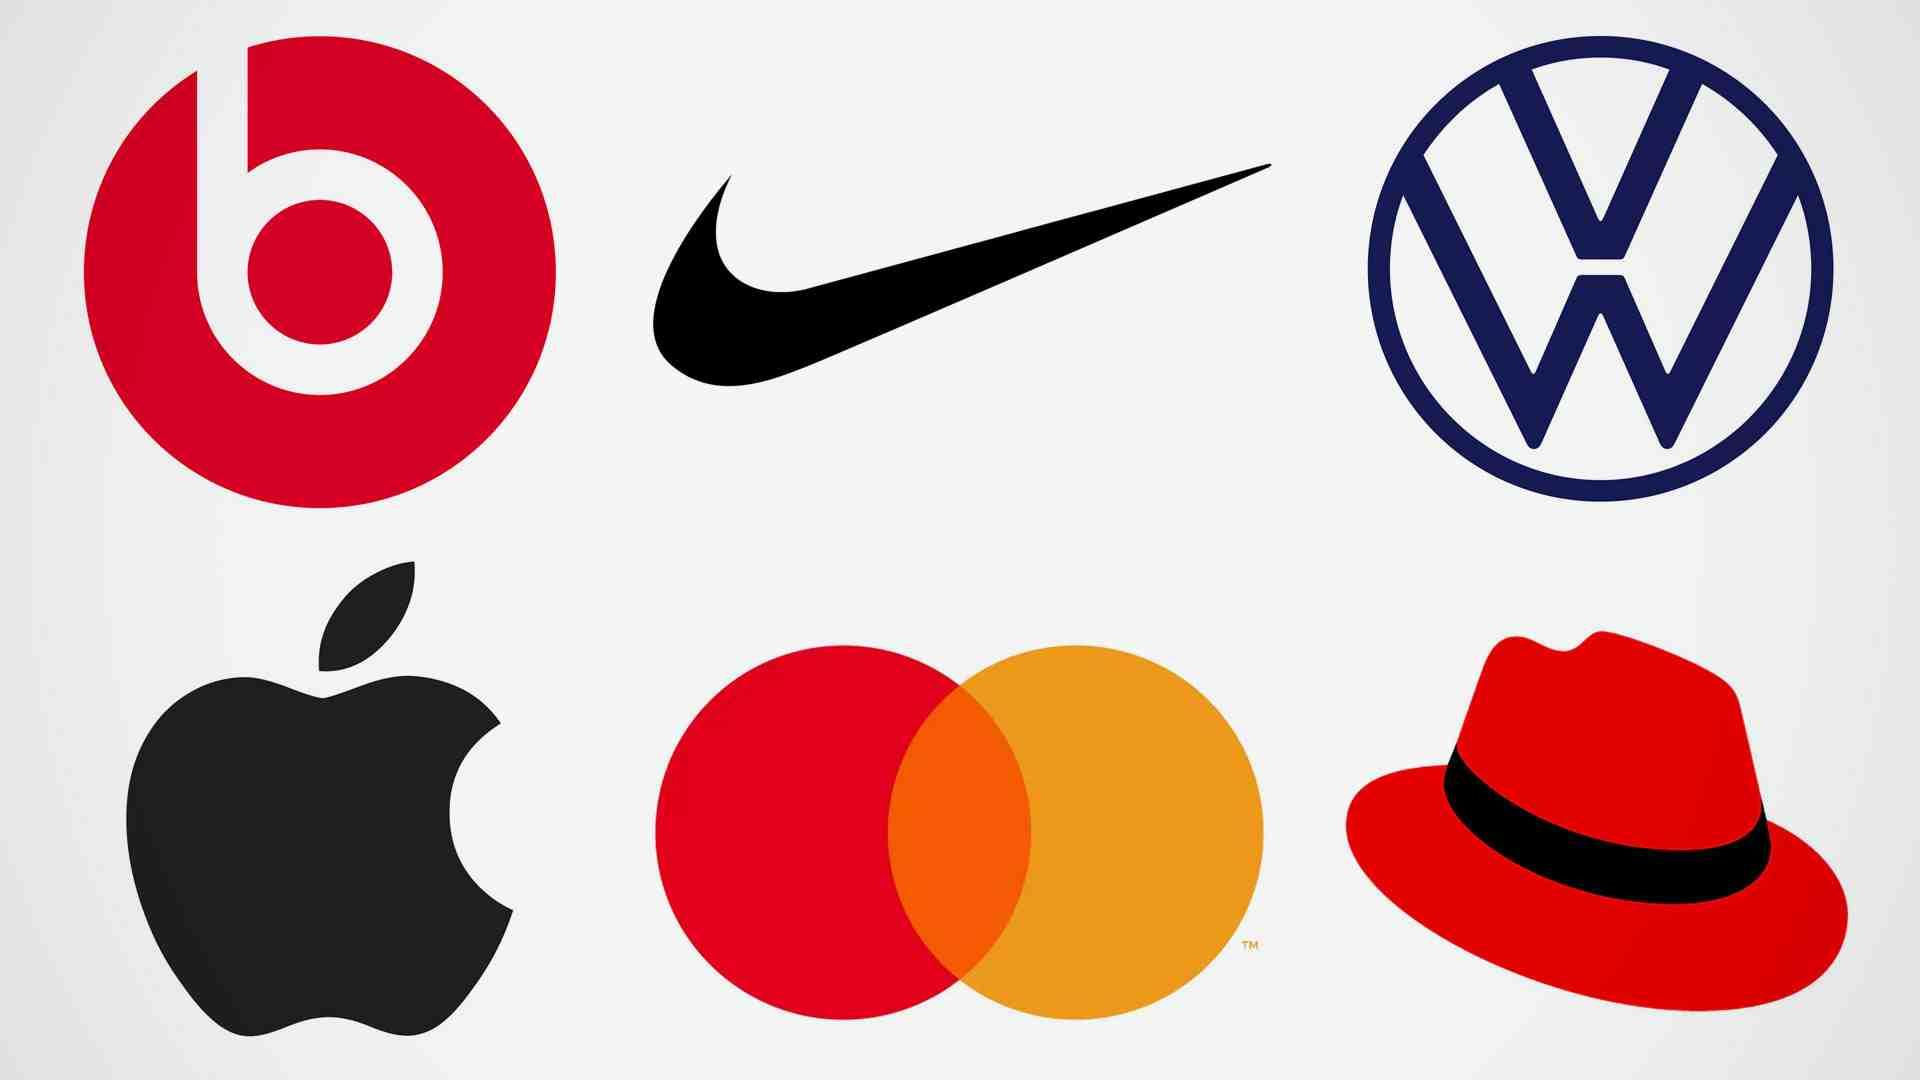 Comment créer un logo professionnel gratuit?